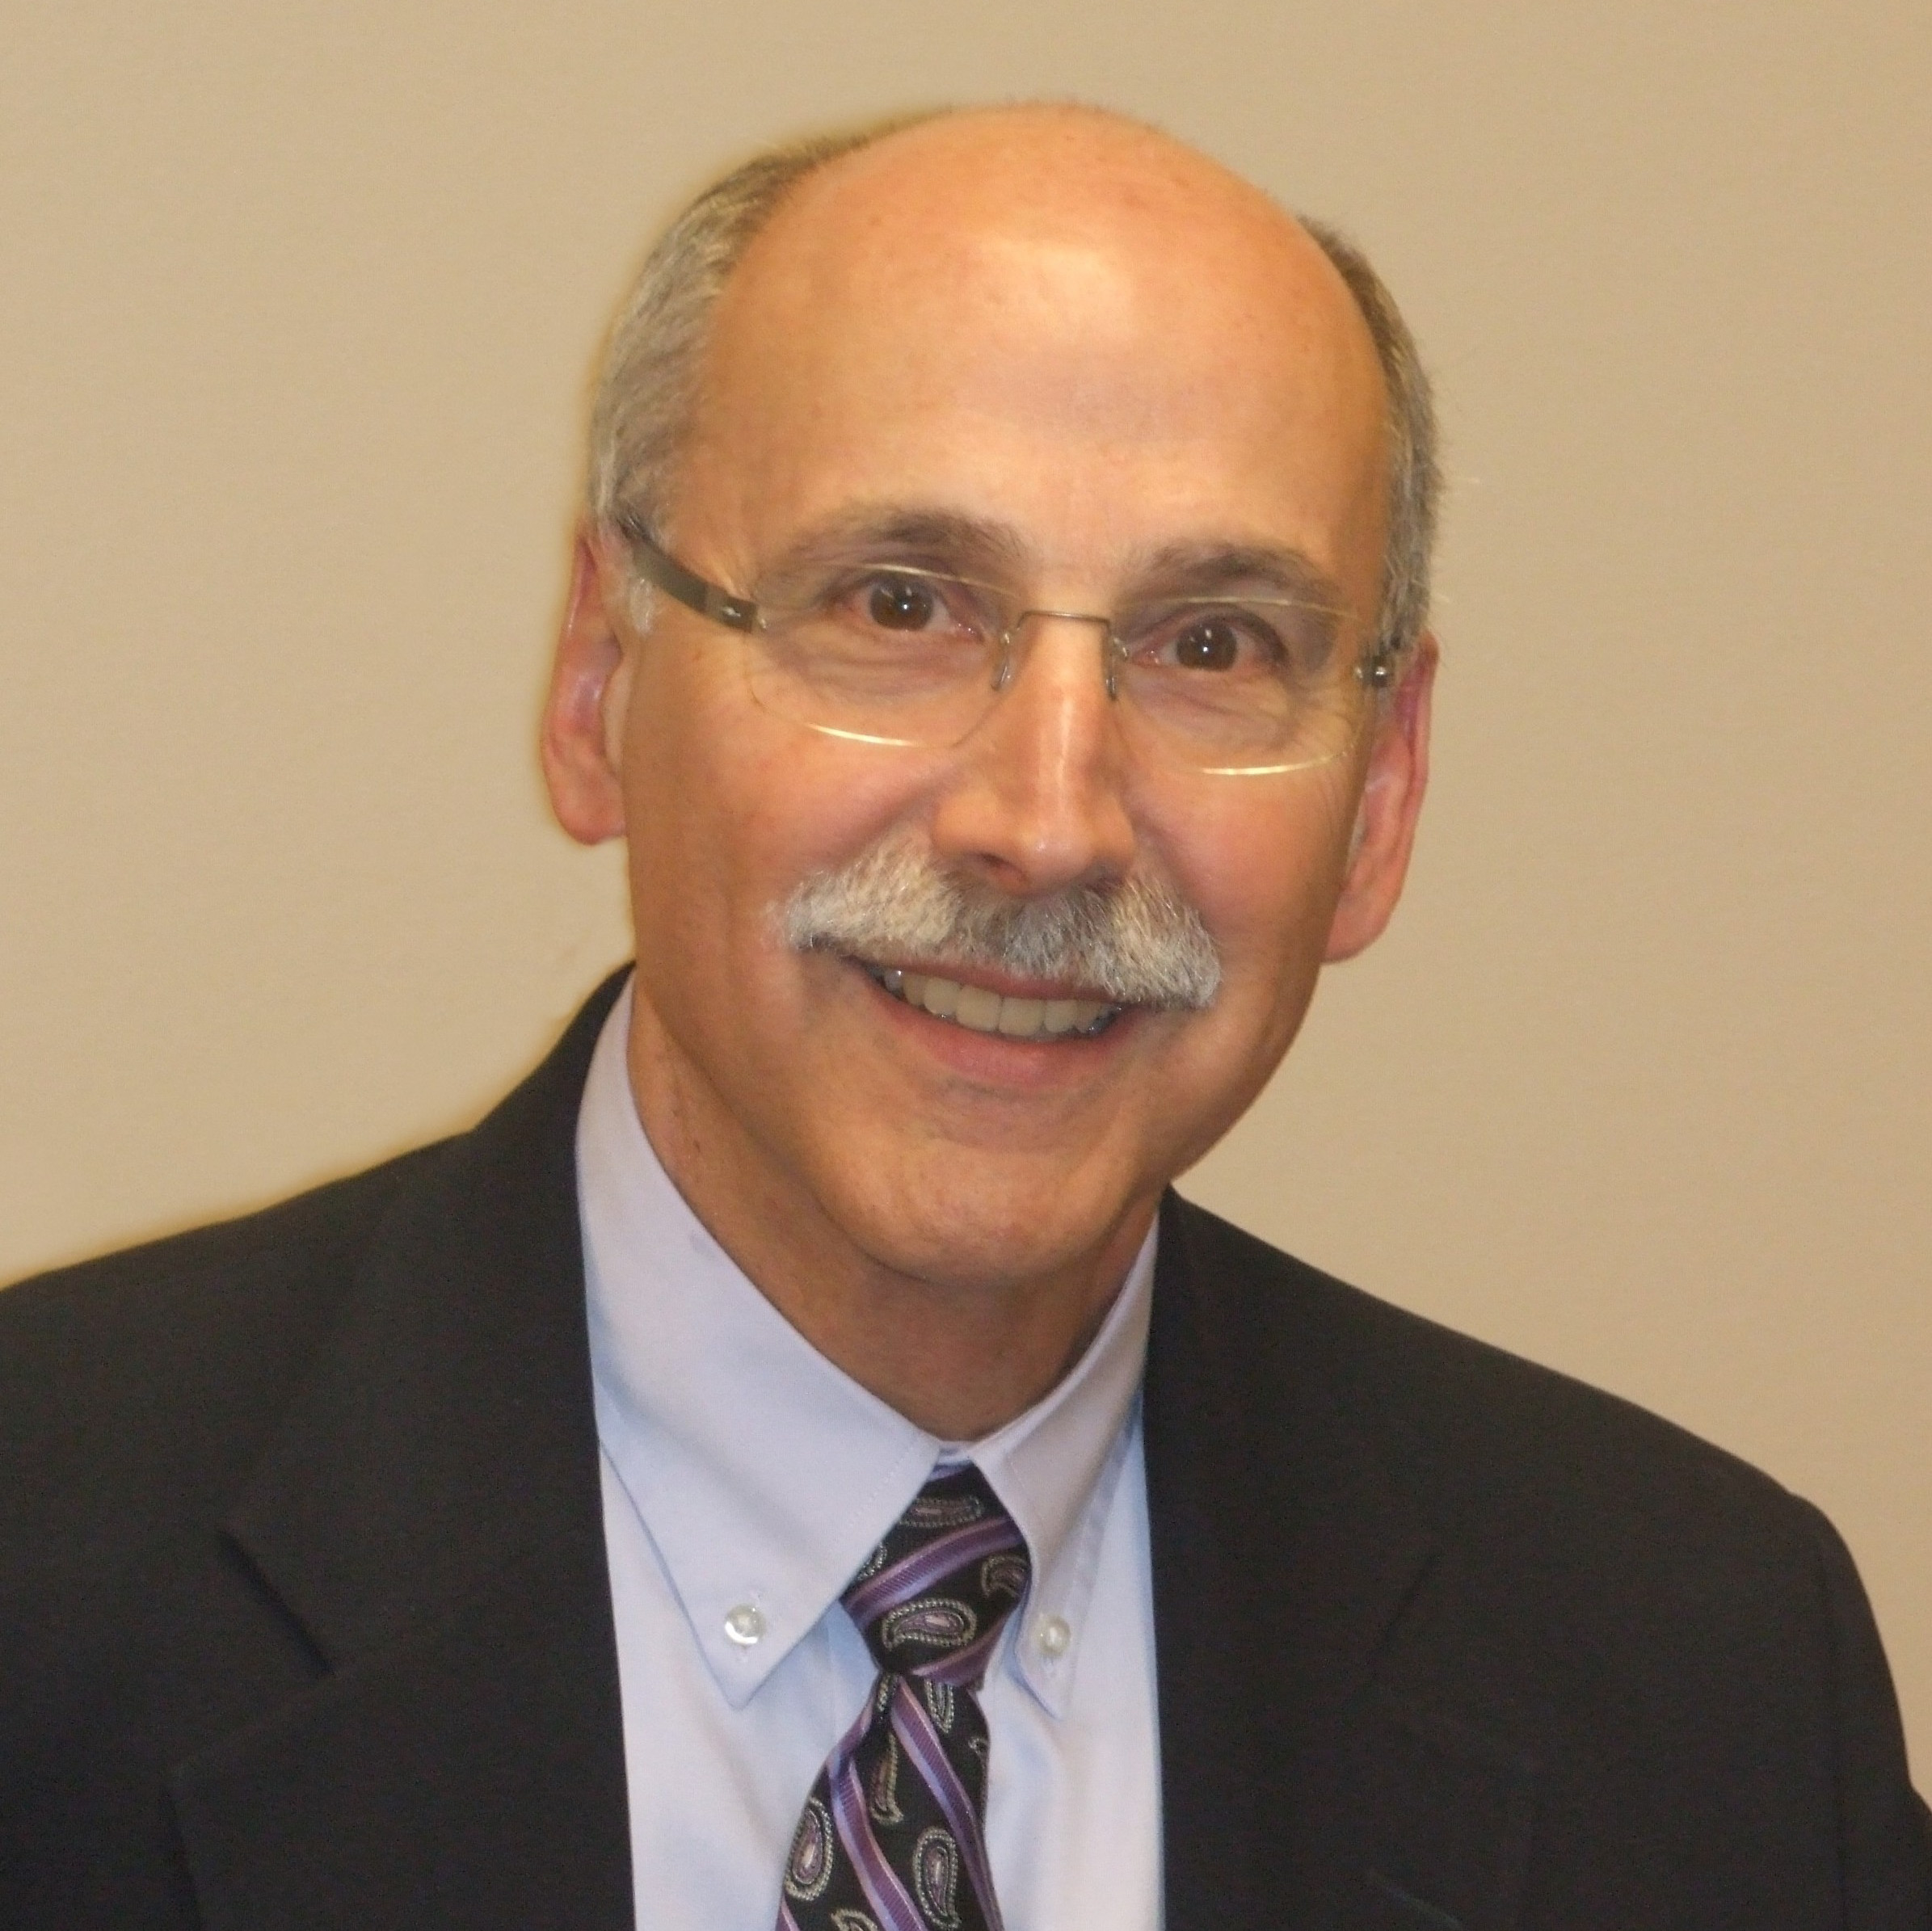 Carl Valente